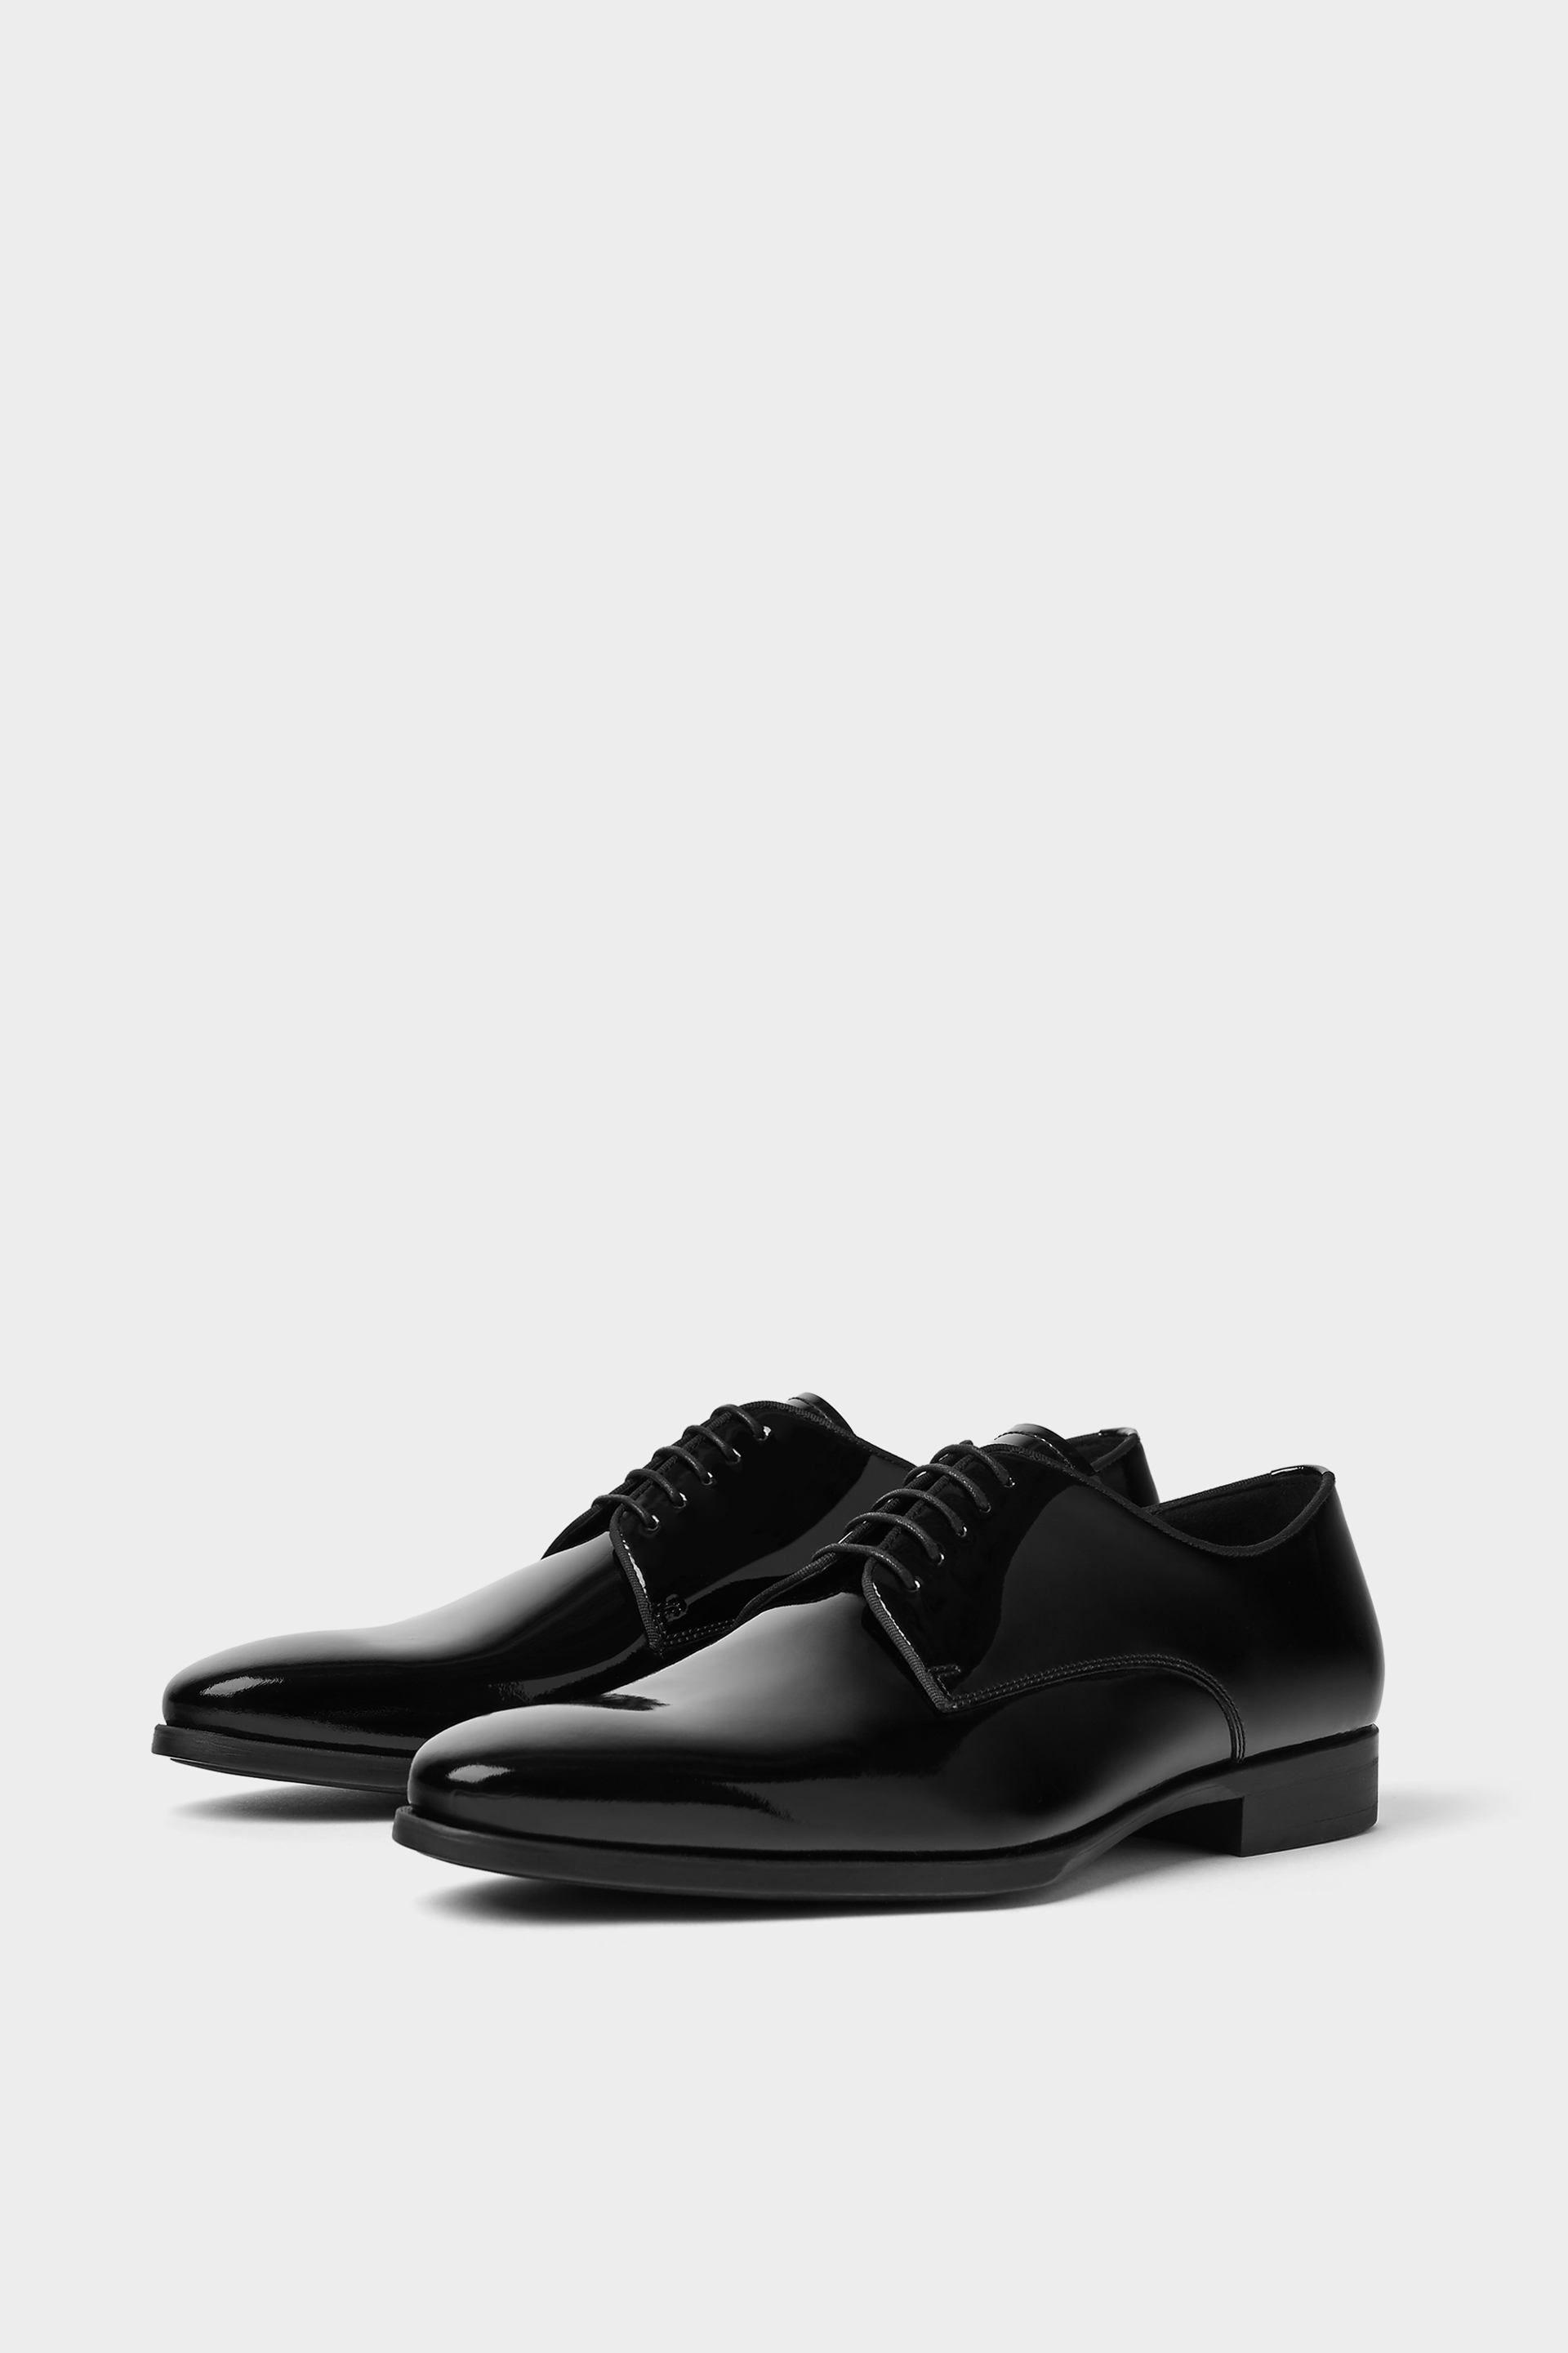 ZAPATO PIEL ACABADO CHAROL | 018. | Zapatos, Charol y